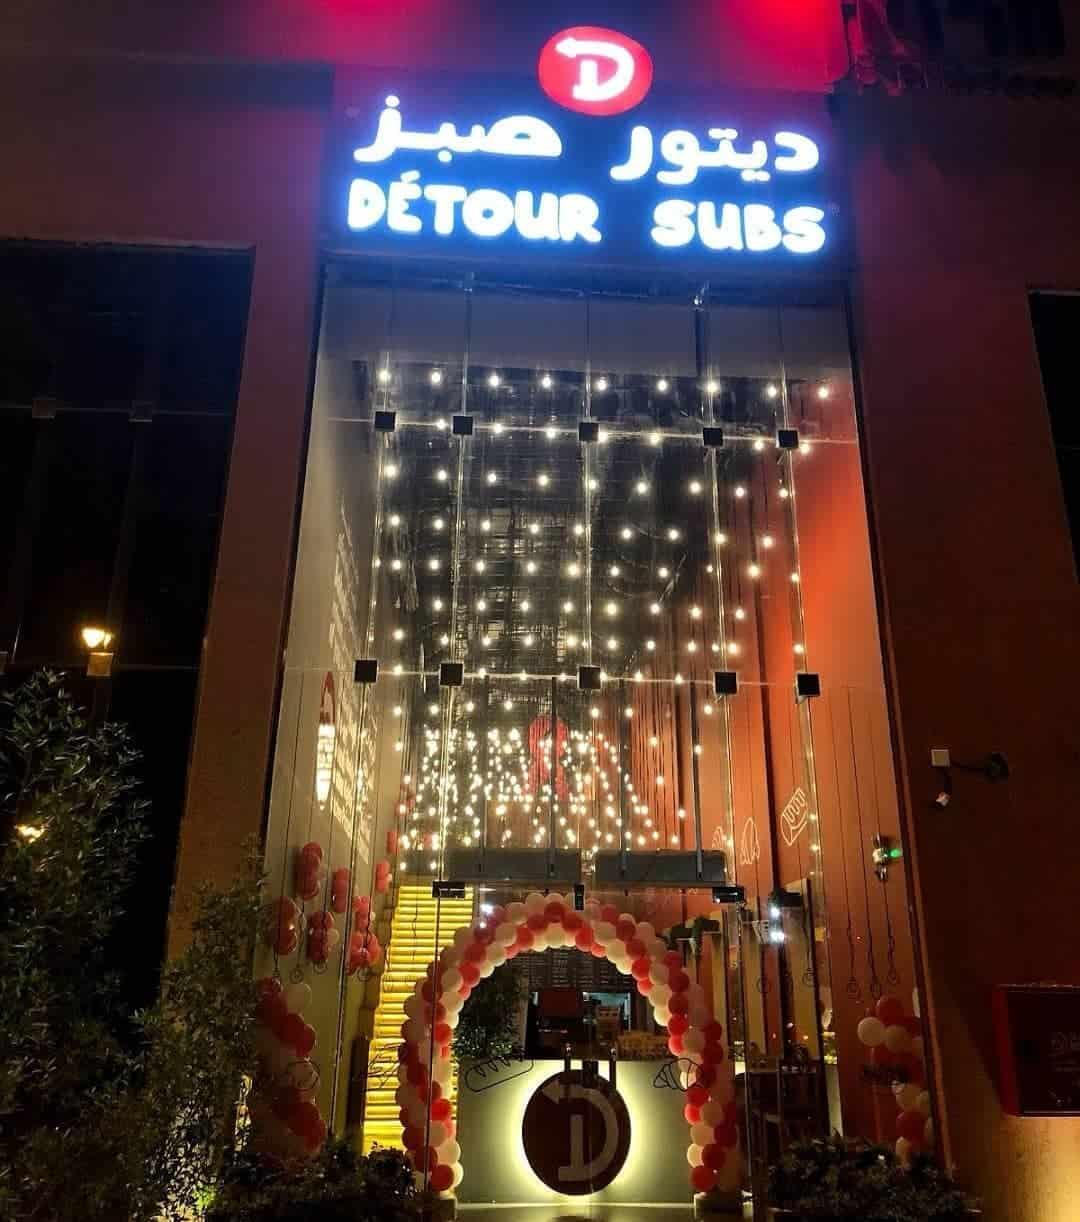 مطعم ديتور صبز في الدمام